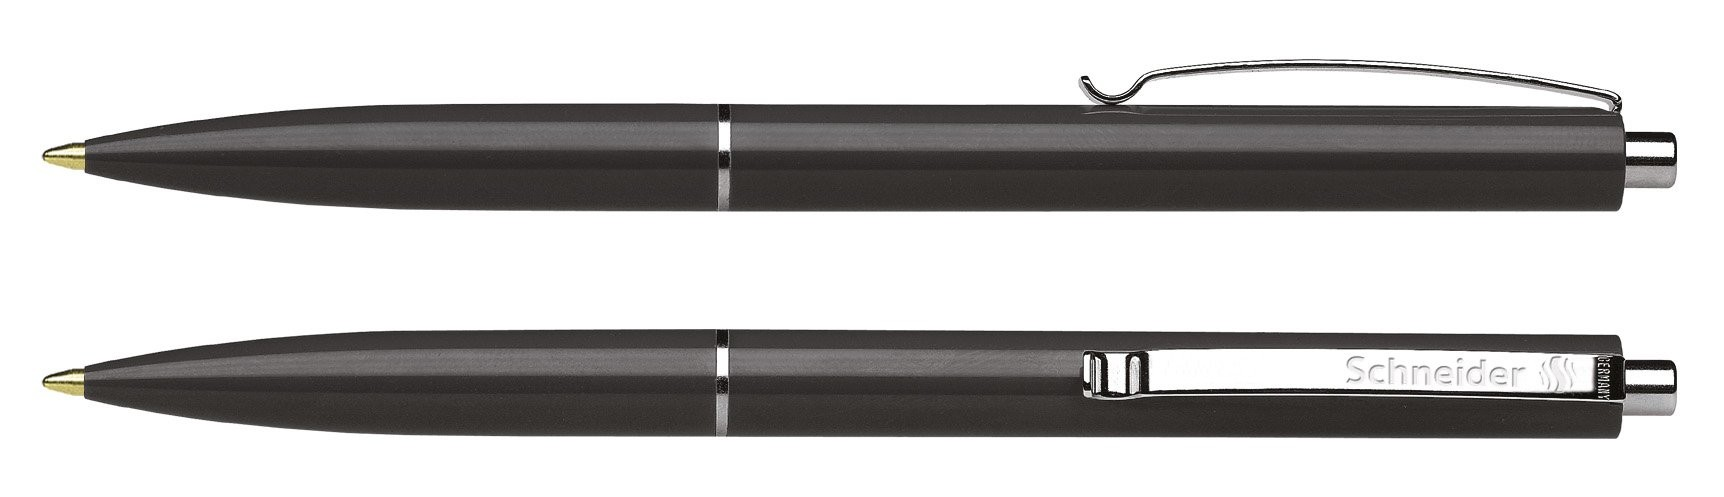 Kugelschreiber K 15